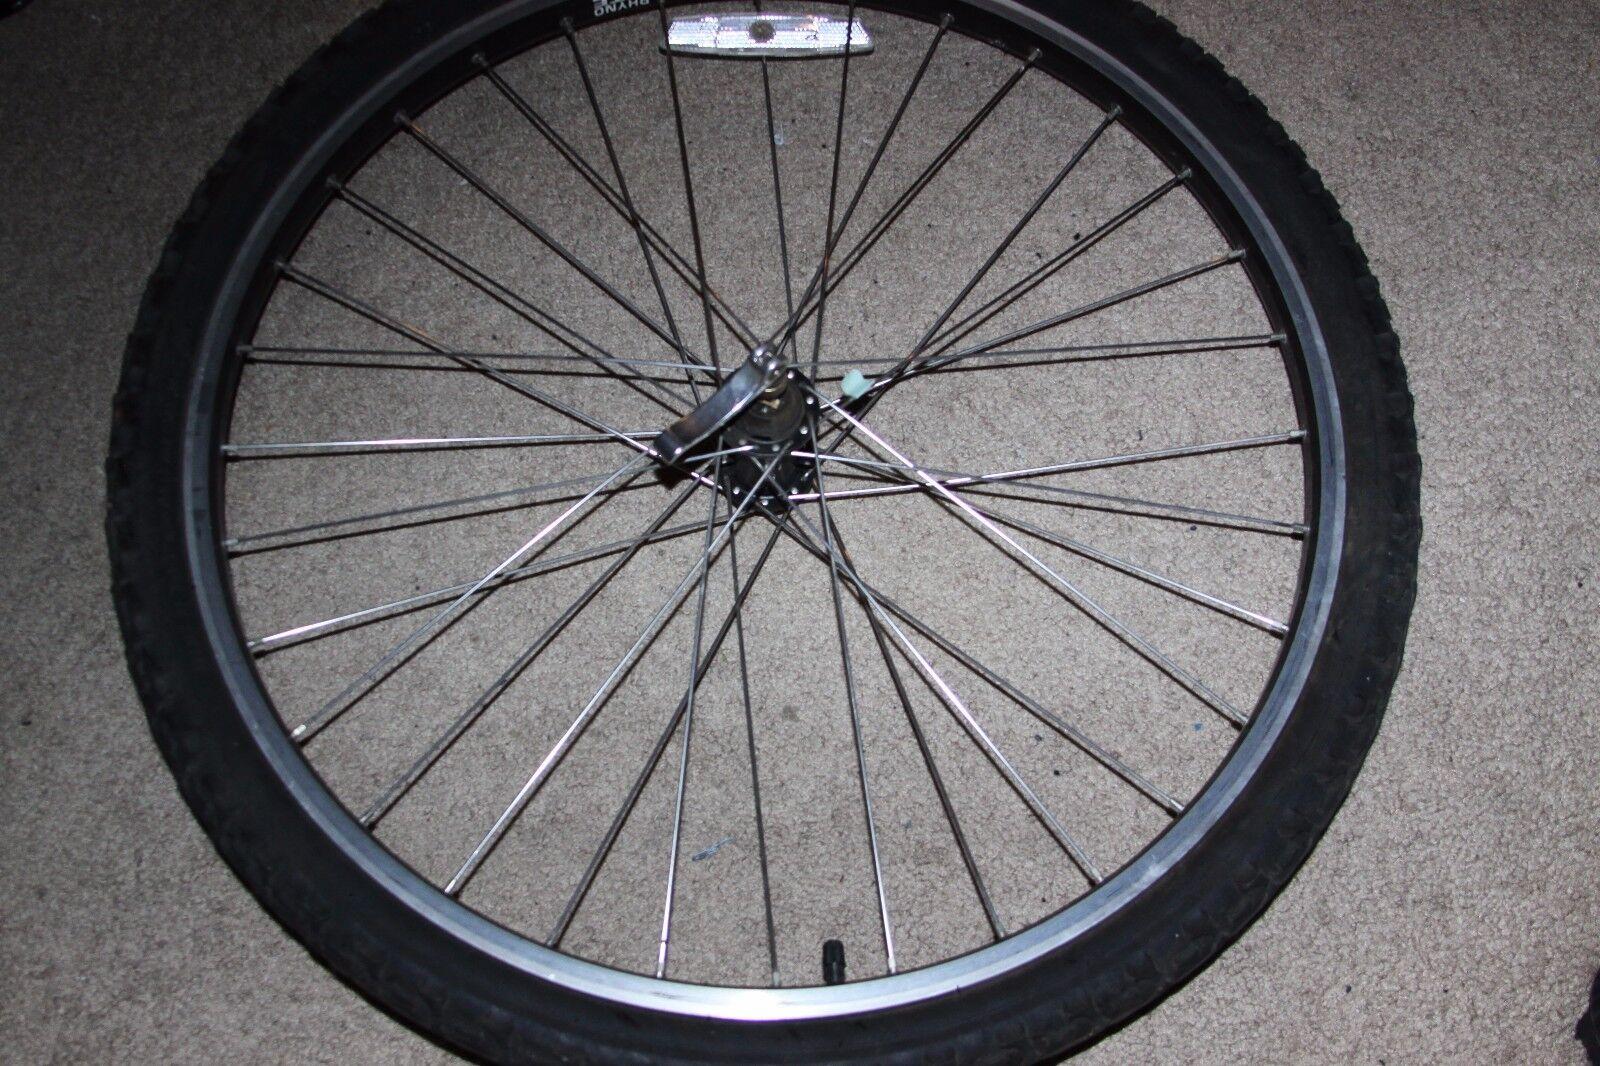 Used MTB Front Wheel 26 , Sunrims Rhyno Lite, Shimano HB-M510 VIAM